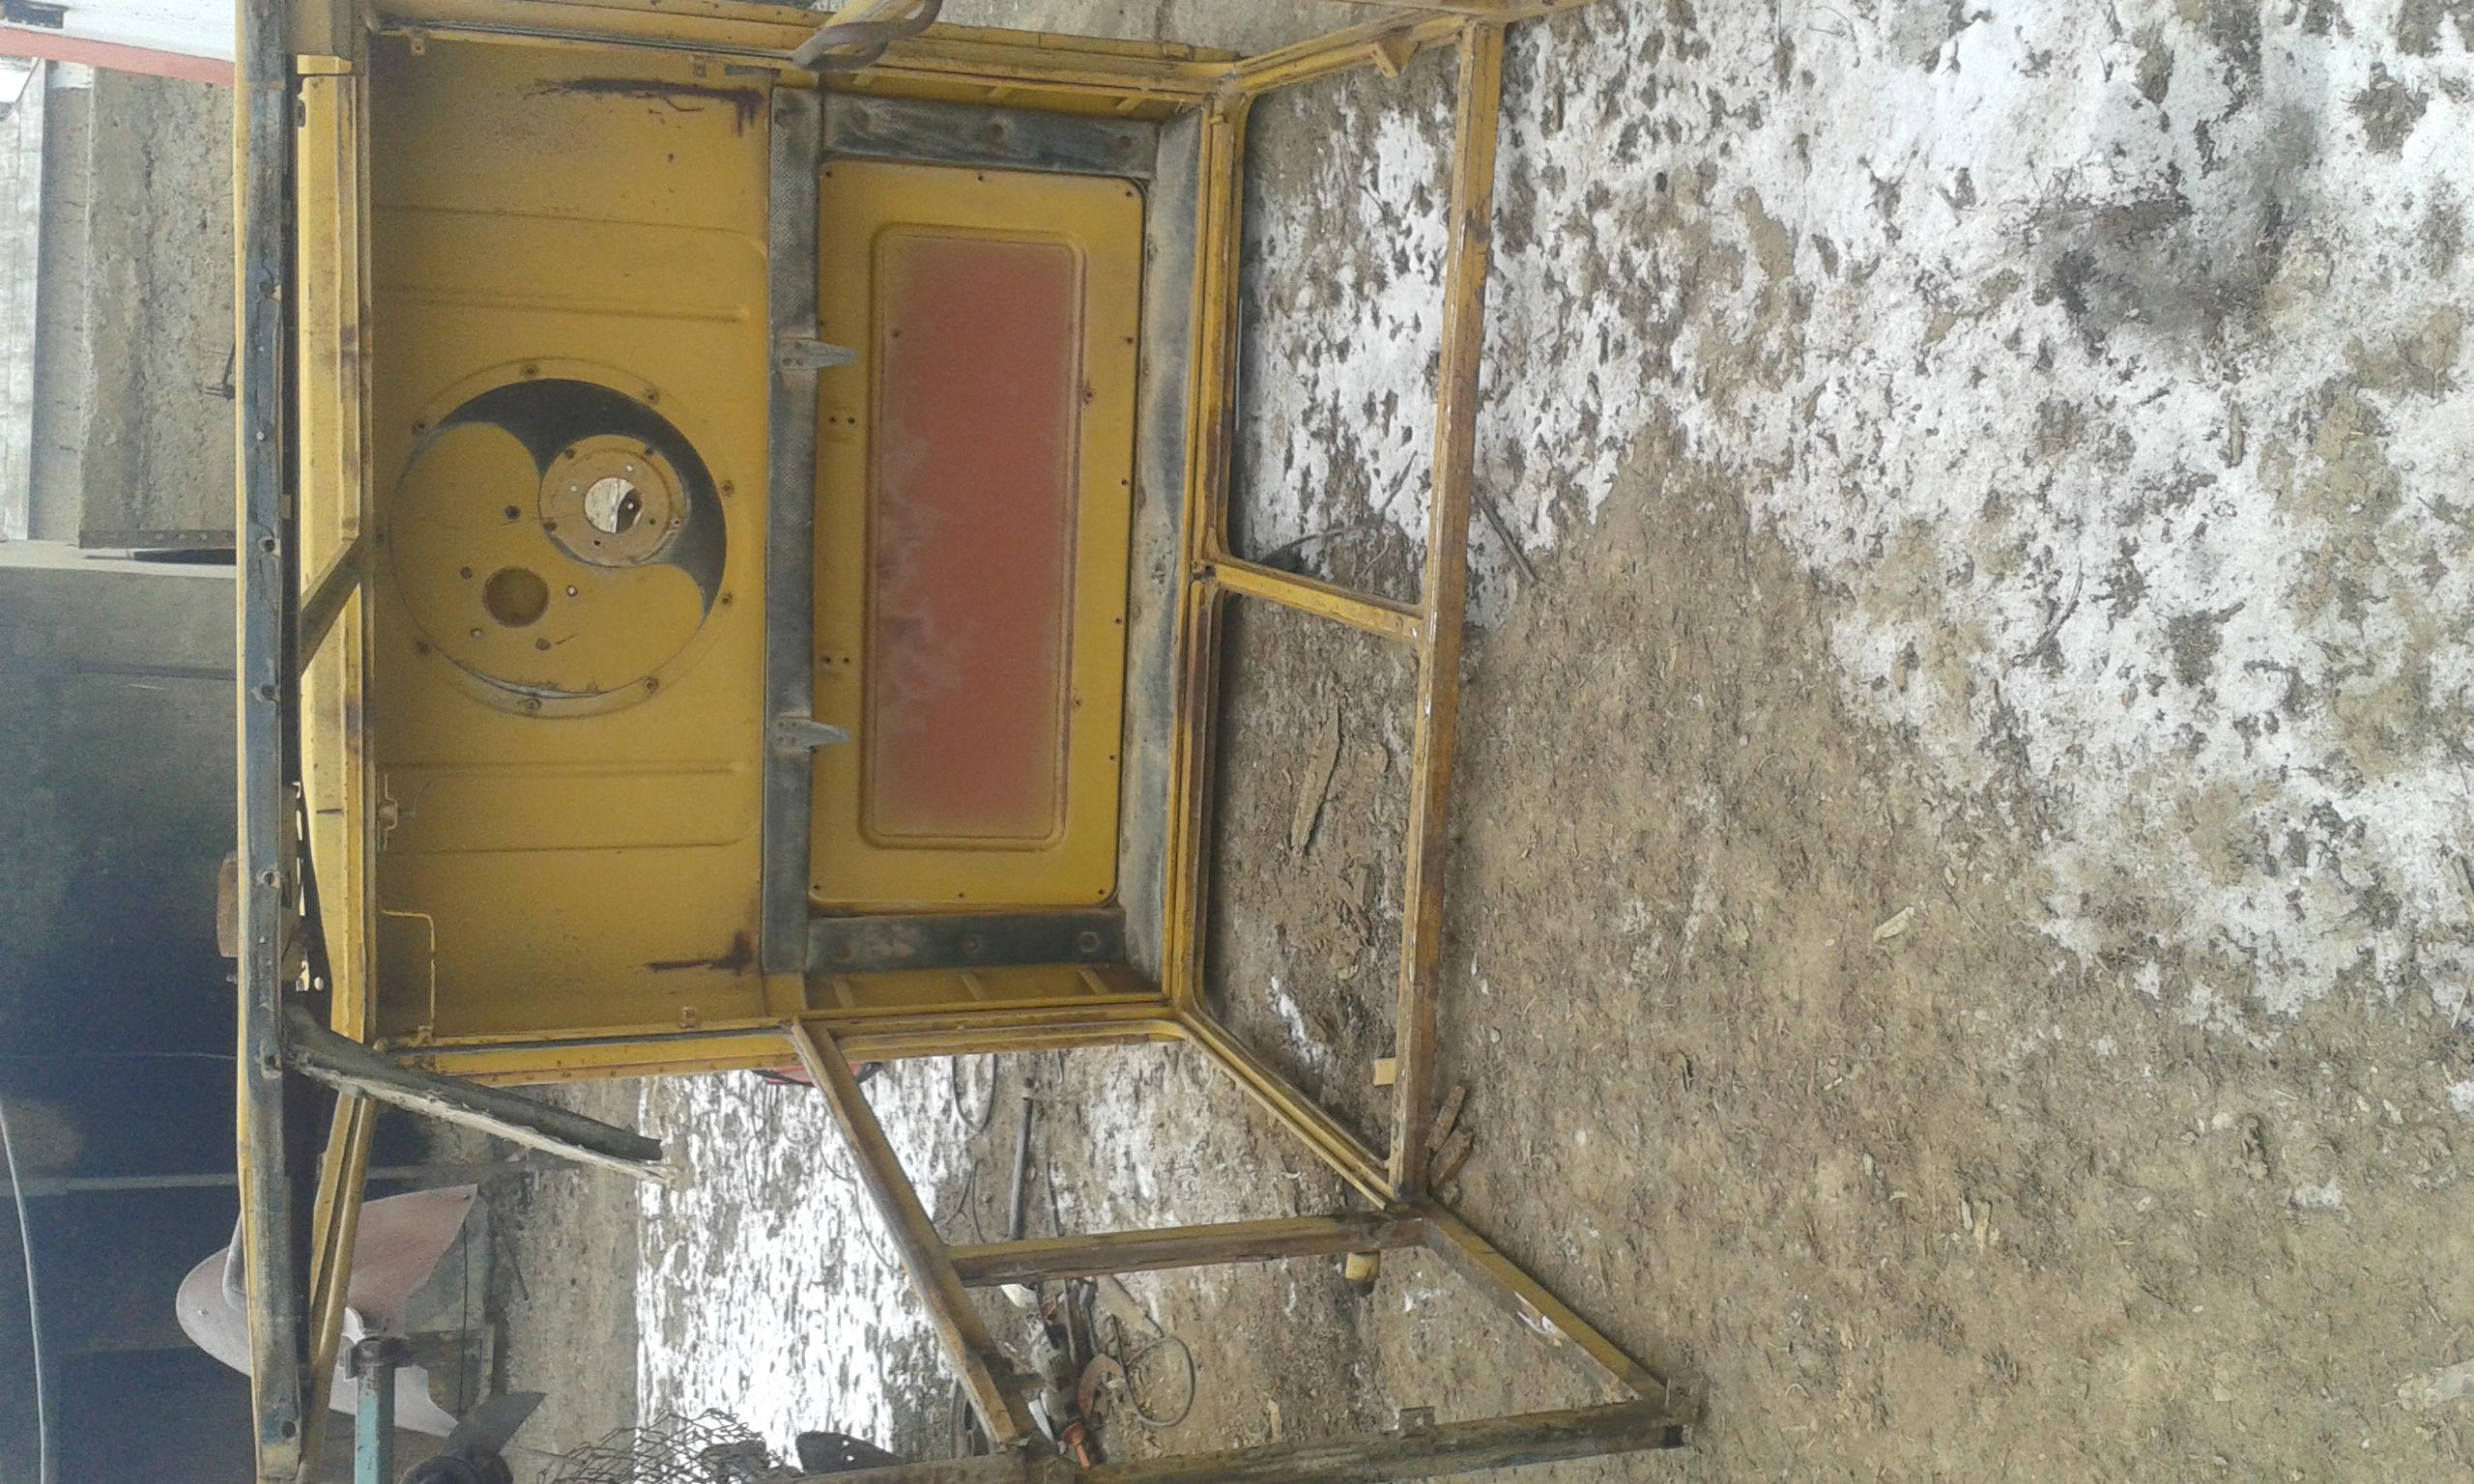 кабина на мтз 80 - traktorservice.ru